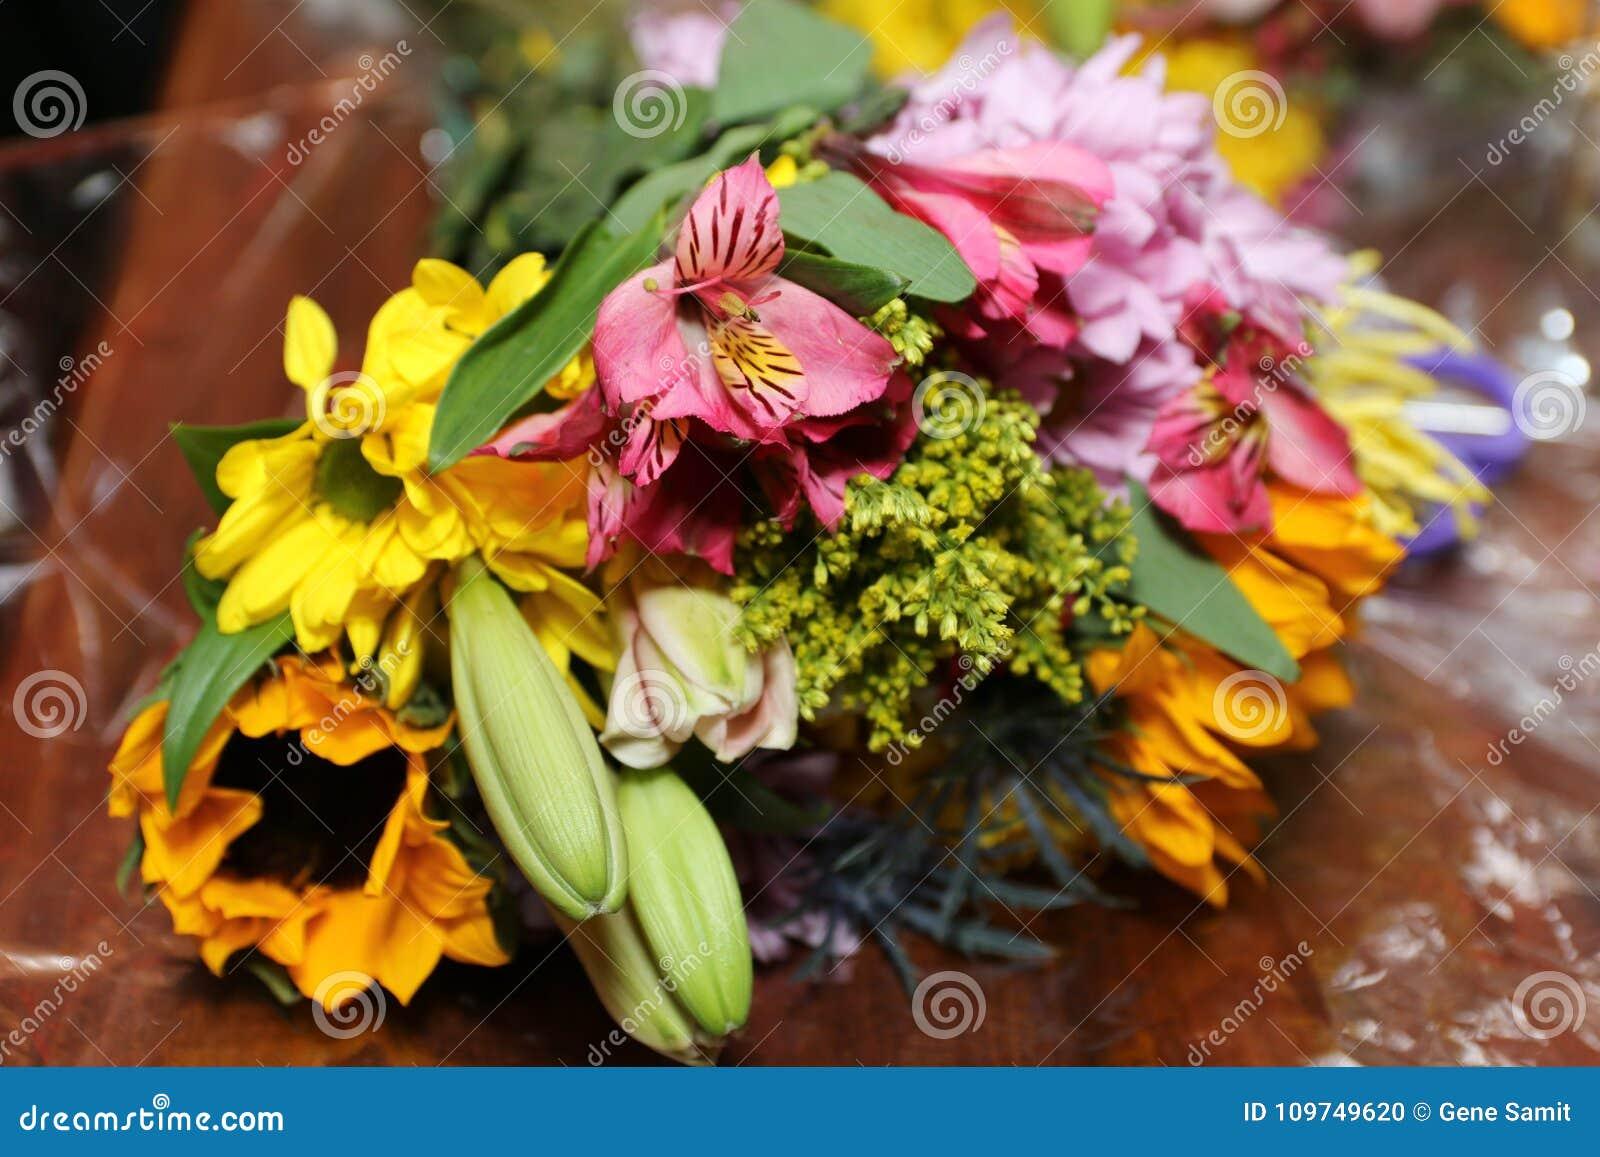 Η ζωηρόχρωμη ανθοδέσμη των λουλουδιών λαμπρύνει την ημέρα